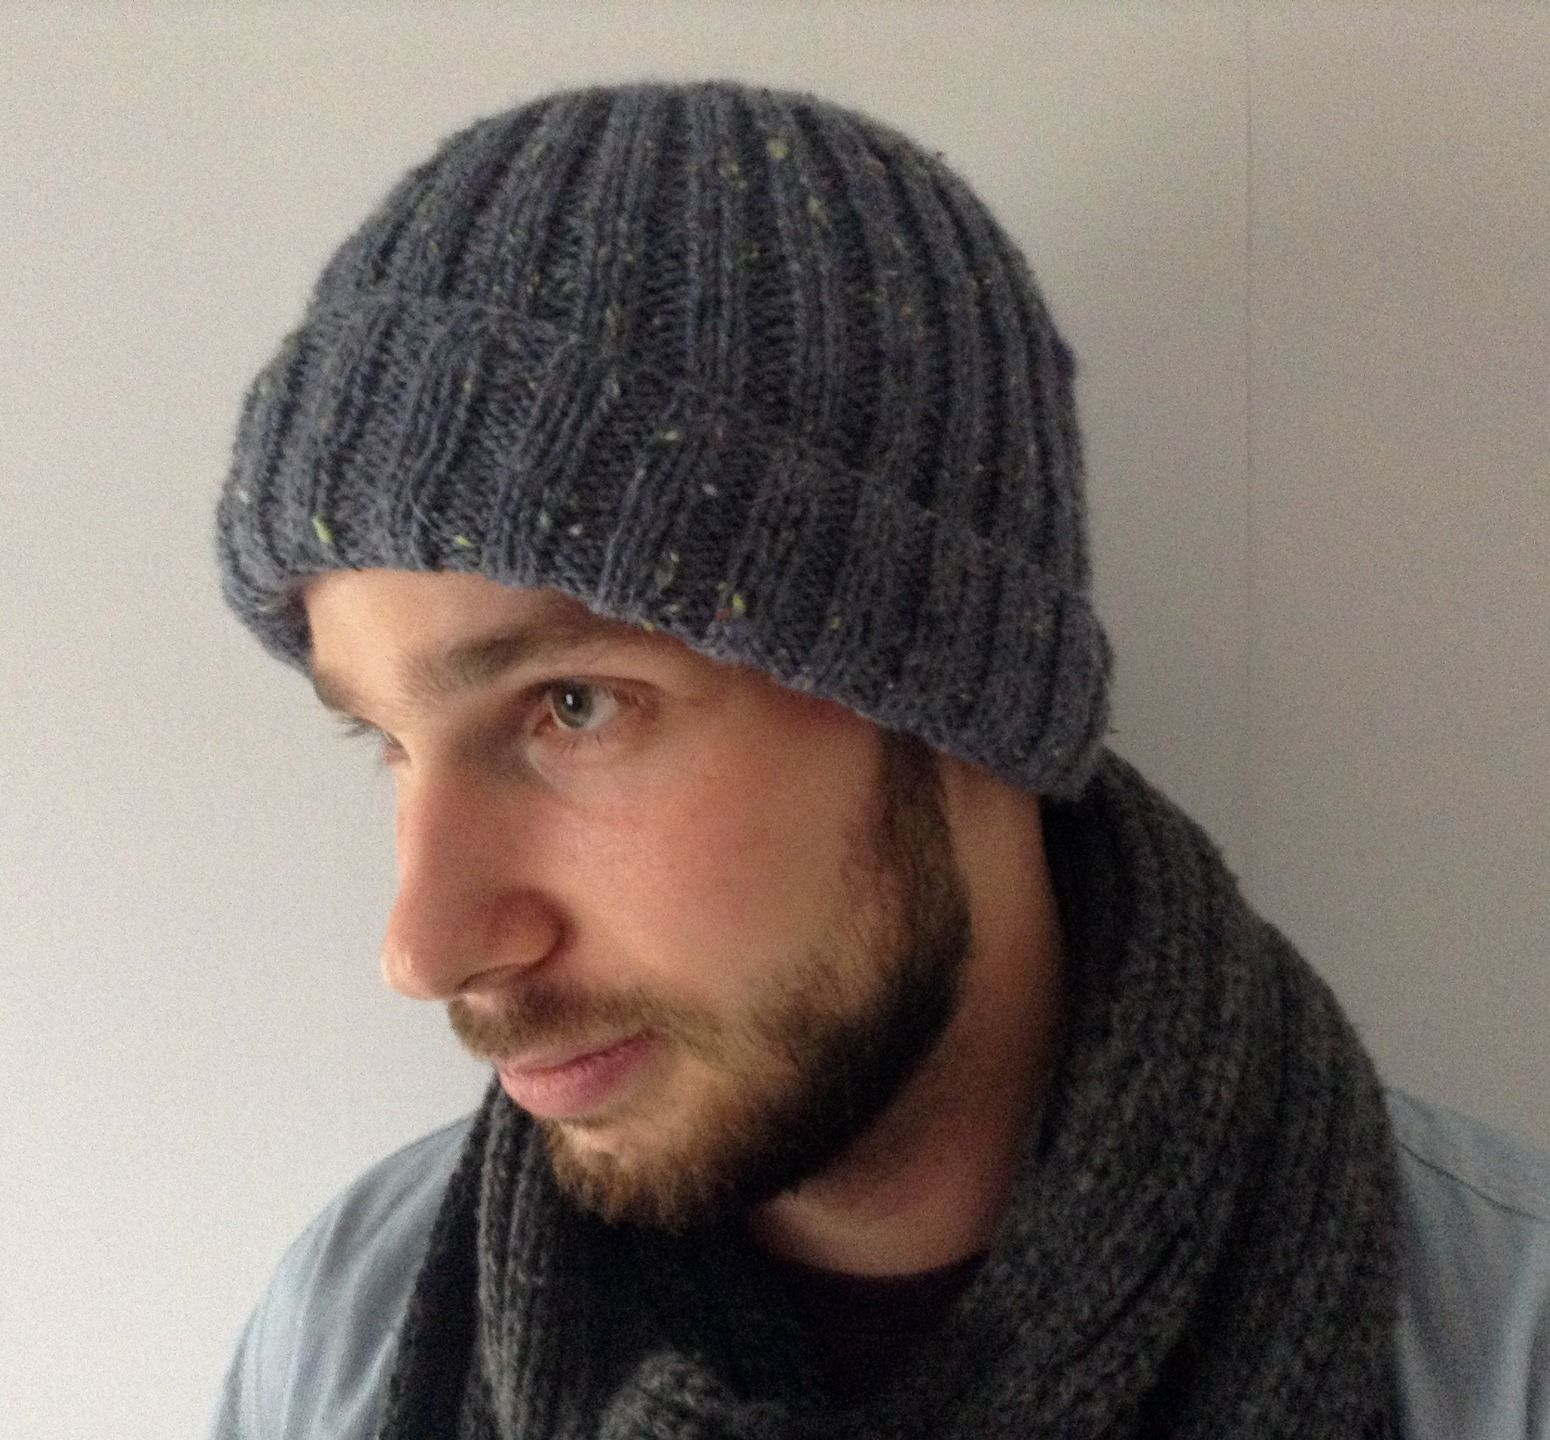 bonnet homme gris chine tricote main cotes 2 2 laine alpaga viscose mode tendance autres mode homme par la p tite mimine